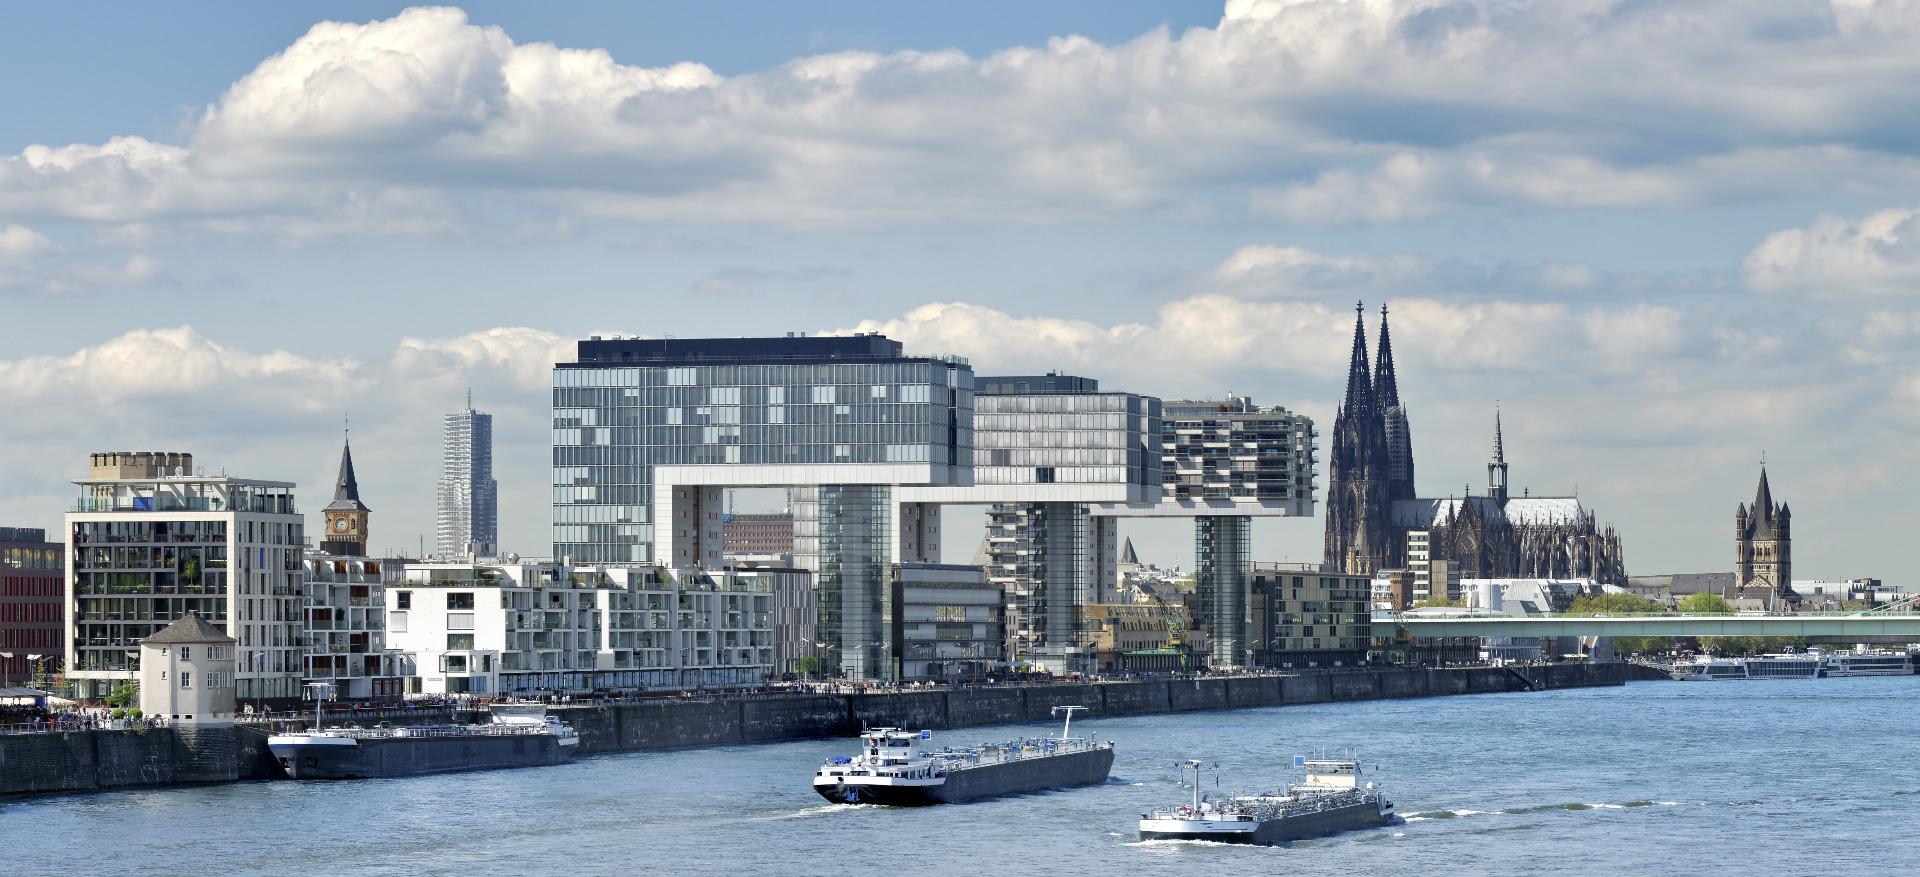 Blick auf die Skyline von Köln, zu sehen der Rhein, der Kölner Dom und die Kranhäuser